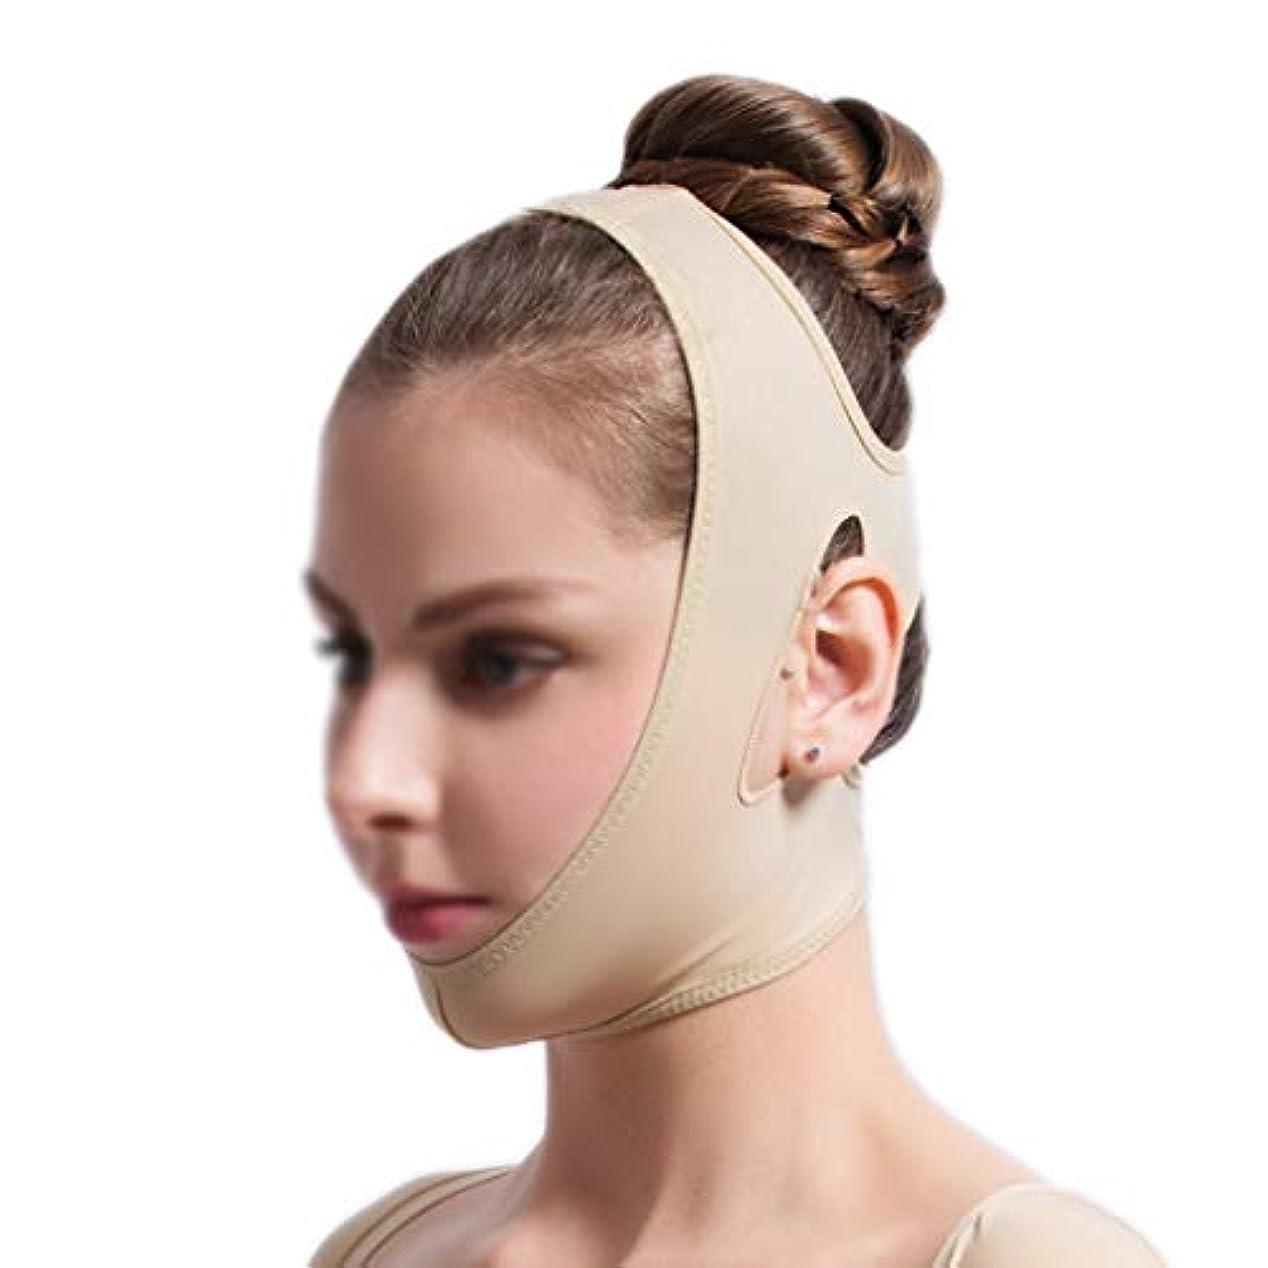 バケツ敬礼曖昧なフェイスリフティング包帯、フェイシャル減量マスク、フェイシャルリフティング痩身ベルト、痩身頬マスク (Size : L)